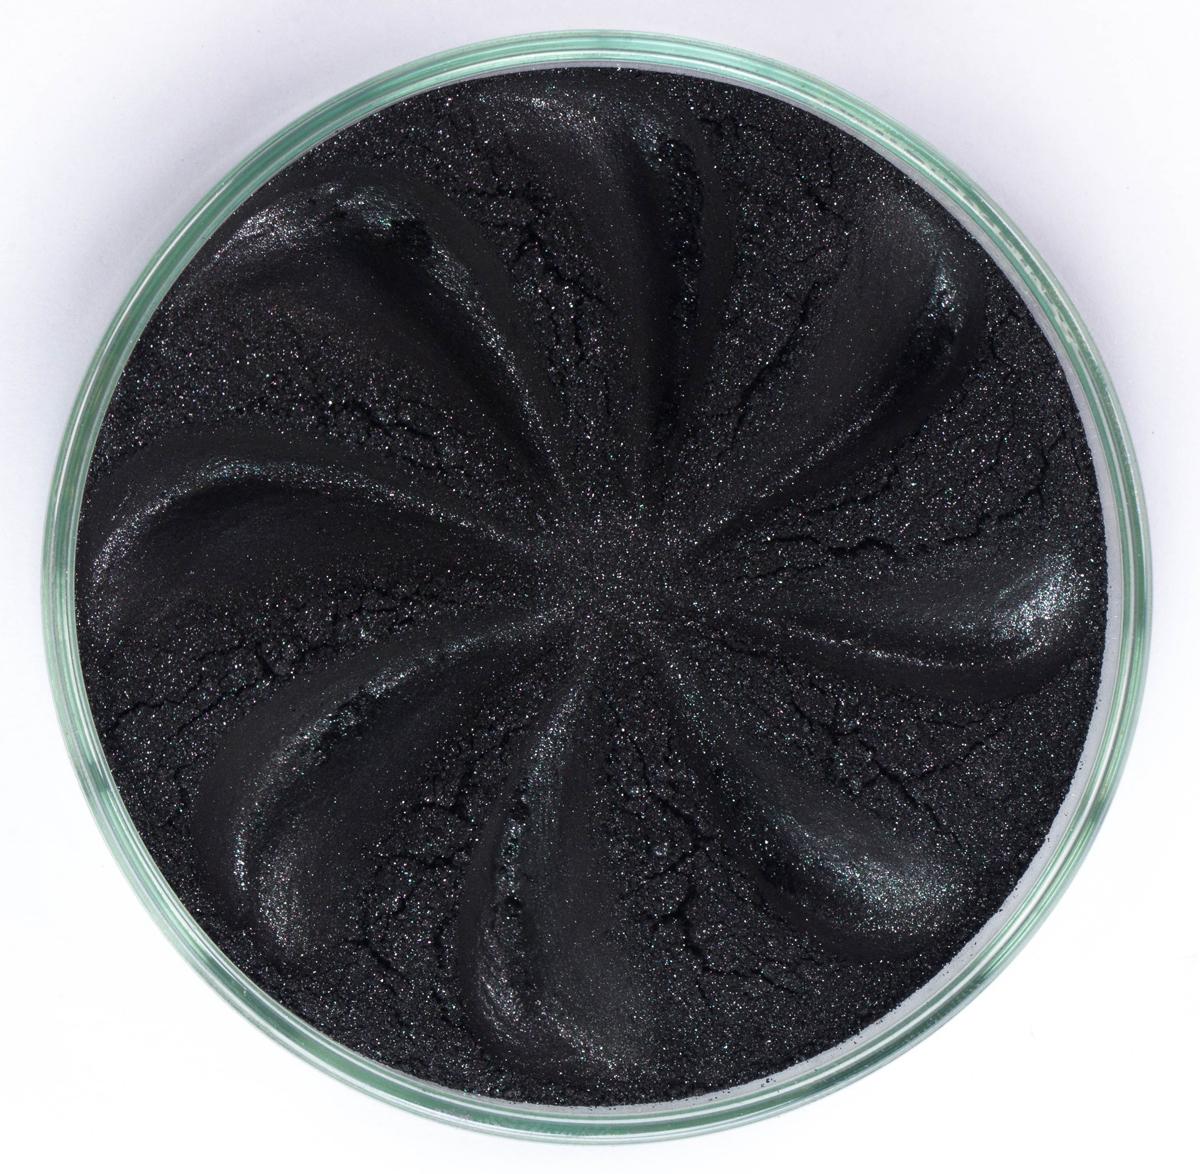 Era Minerals Минеральные Тени для век Jewel тон J35 (сияющий черный), 4 мл5010777139655Тени для век Jewel обеспечивают комплексное покрытие, своим сиянием напоминающее как глубину, так и лучезарный блеск драгоценного камня. Текстура теней содержит в себе цвет-основу с содержанием крошечных мерцающих частиц, превосходно сочетающихся с основным цветом.Сильные и яркие минеральные пигментыМожно наносить как влажным, так и сухим способомБез отдушек и содержания масел, для всех типов кожиДерматологически протестировано, не аллергенноНе тестировано на животныхВес нетто 1г (стандартный размер)